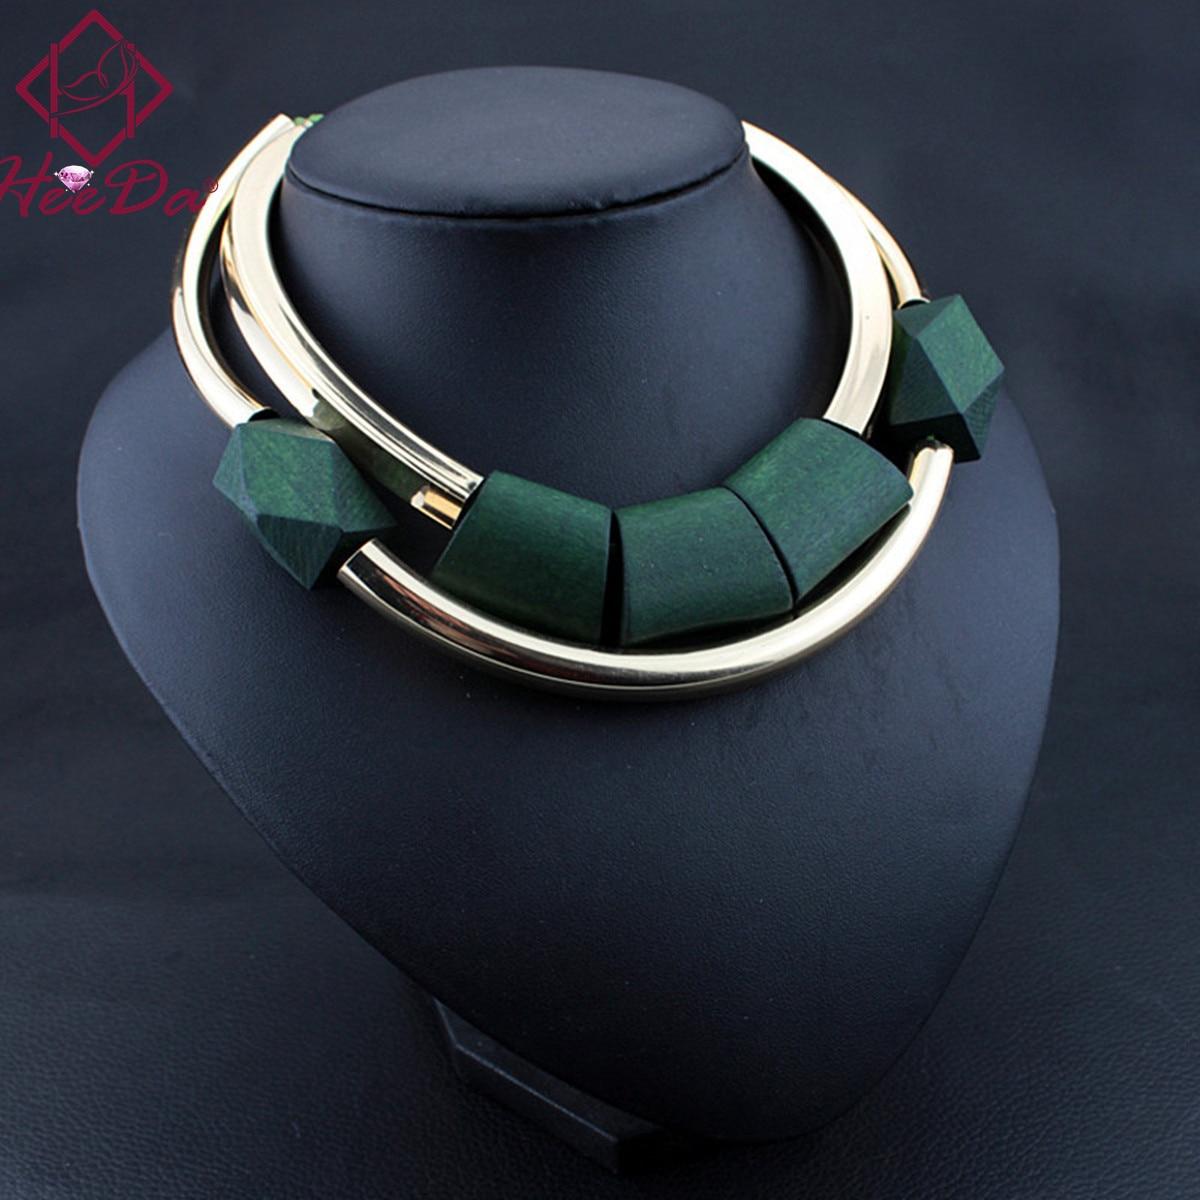 Cuentas de madera de la vendimia colgante collar inicial para mujeres Moda Verde Negro gargantilla Kpop Big Nme Bijoux Femme 2018 Venta caliente regalo